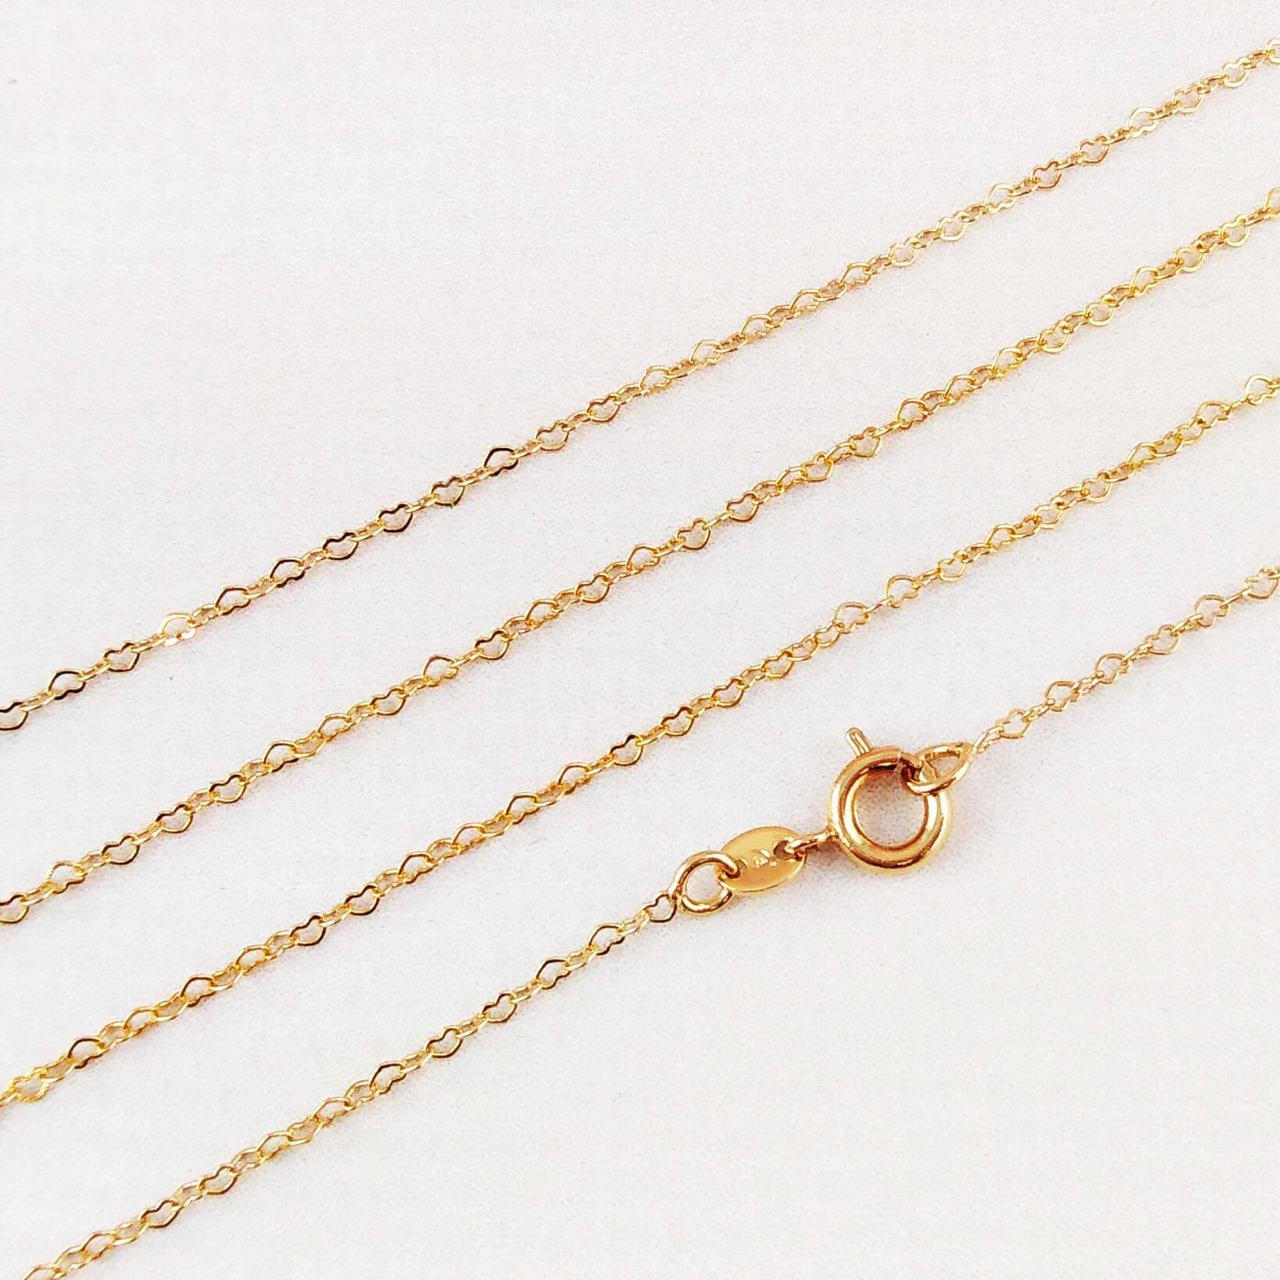 Цепочка Xuping Jewelry 55 см х 1,2 мм Сердечки медицинское золото позолота 18К А/В 4873